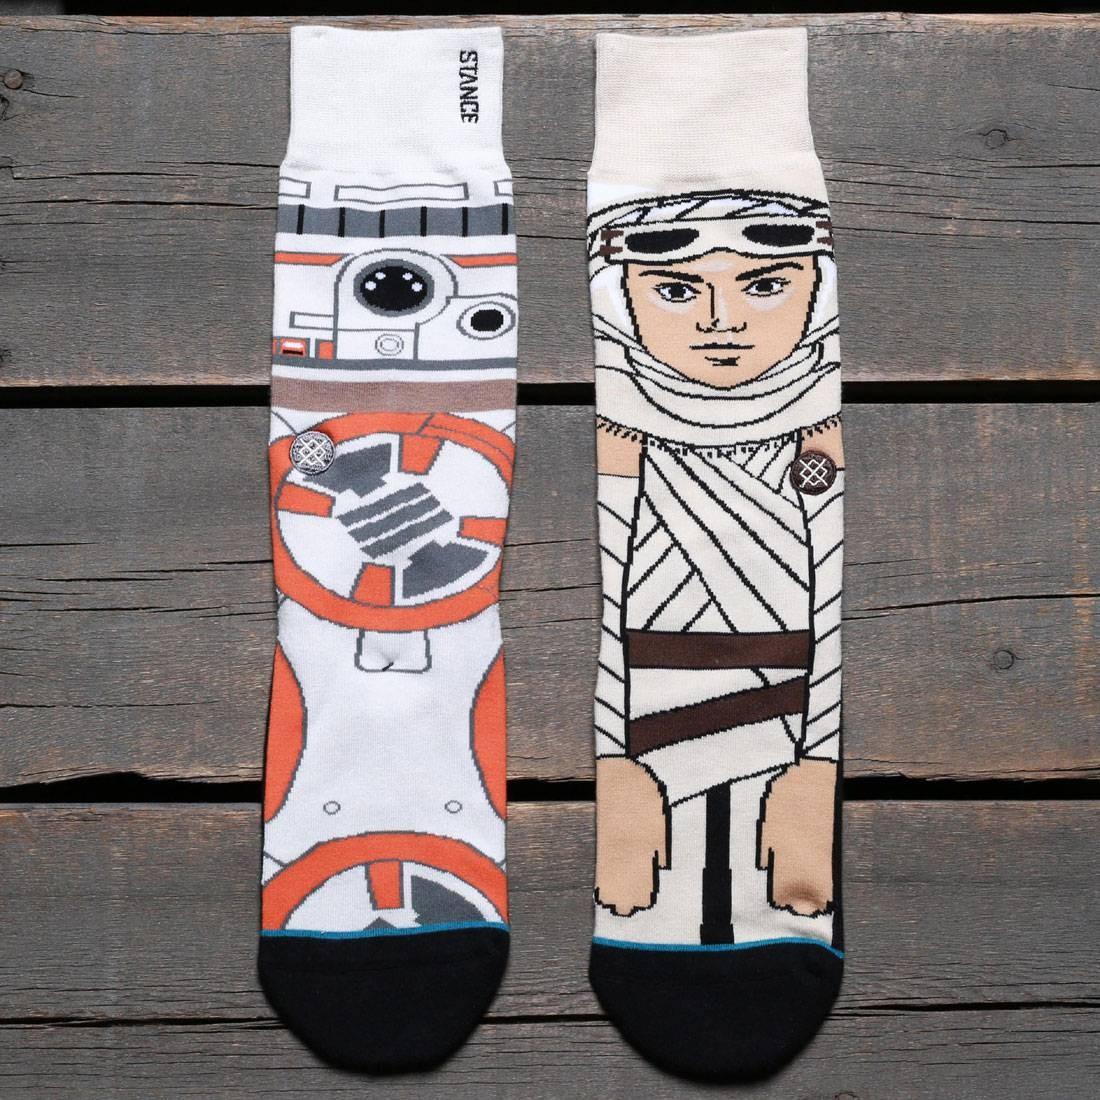 スタンス STANCE ソックス 靴下 インナー 下着 ナイトウエア メンズ 下 レッグ 【 X Star Wars The Resi Socks (tan) 】 Tan